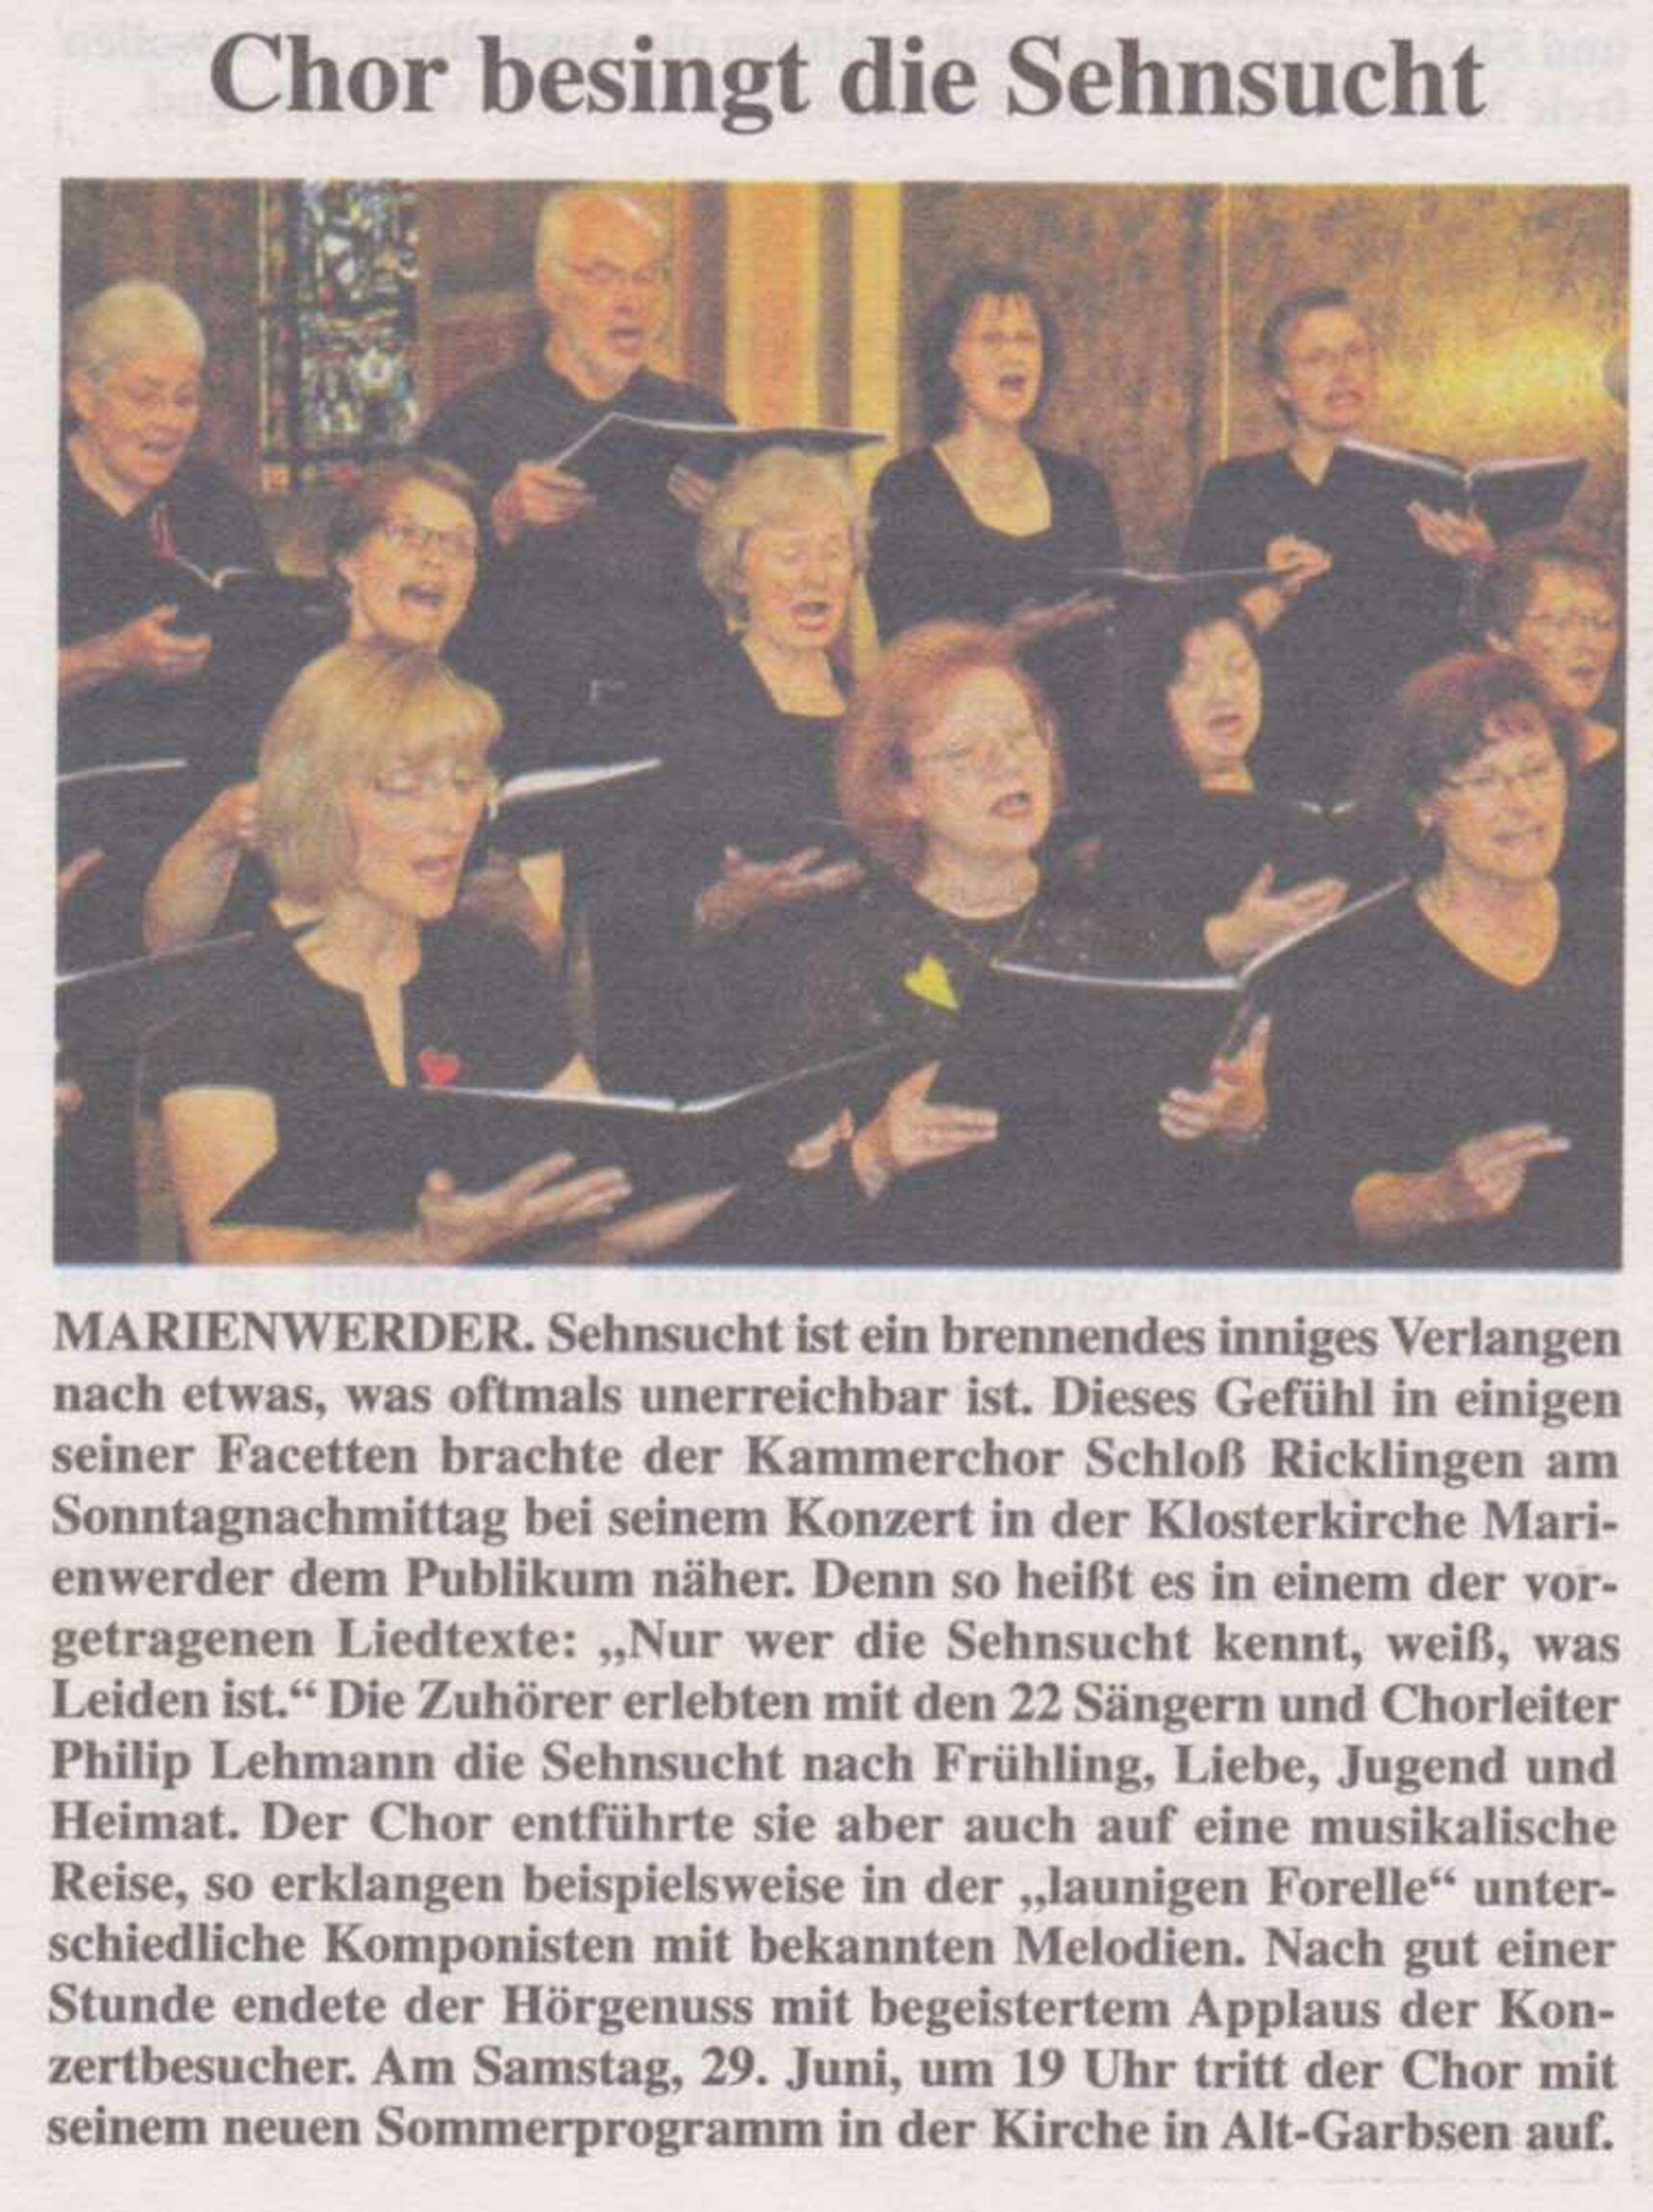 20130623_Kammerchor_Schl_Ricklingen